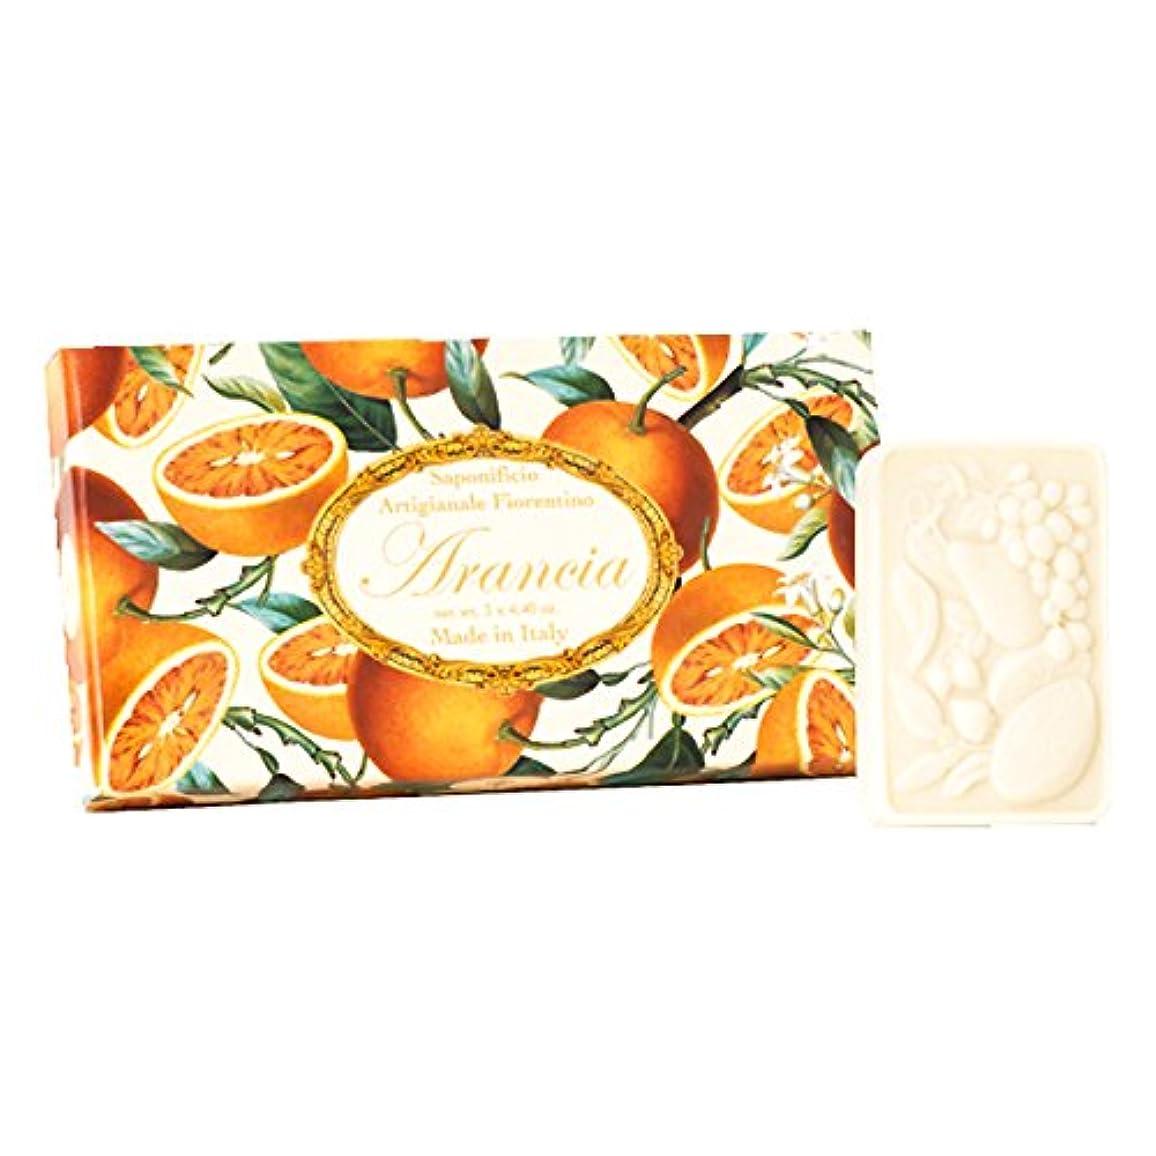 ドメイン会社養うフィレンツェの 長い歴史から生まれたこだわり石鹸 オレンジ【刻印125g×3個セット】